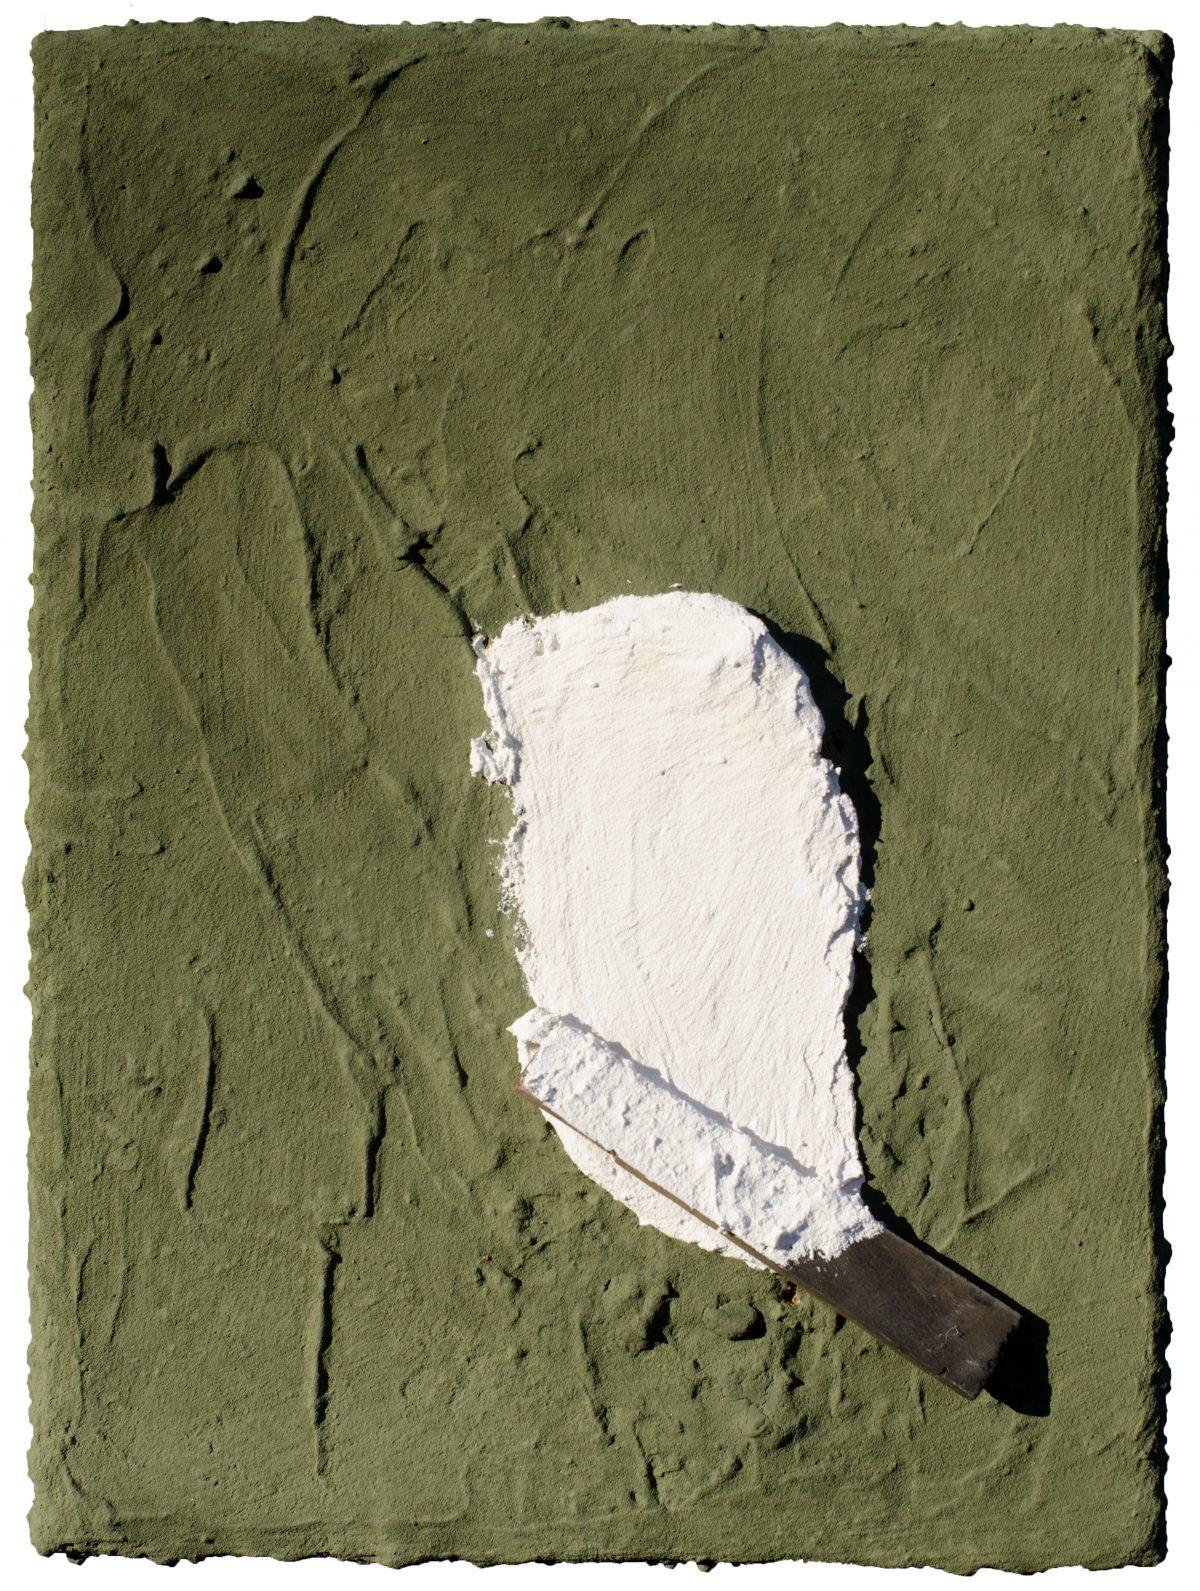 Angel Alonso - Blanc gras sur Vert sec - Huile sur toile